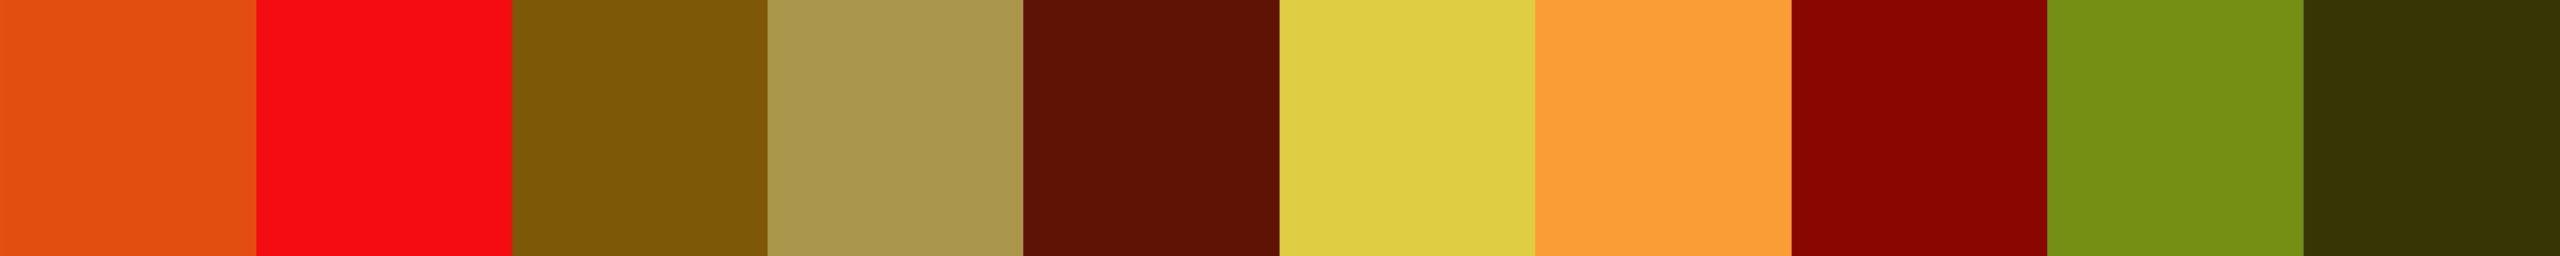 161 Copoliana Color Palette